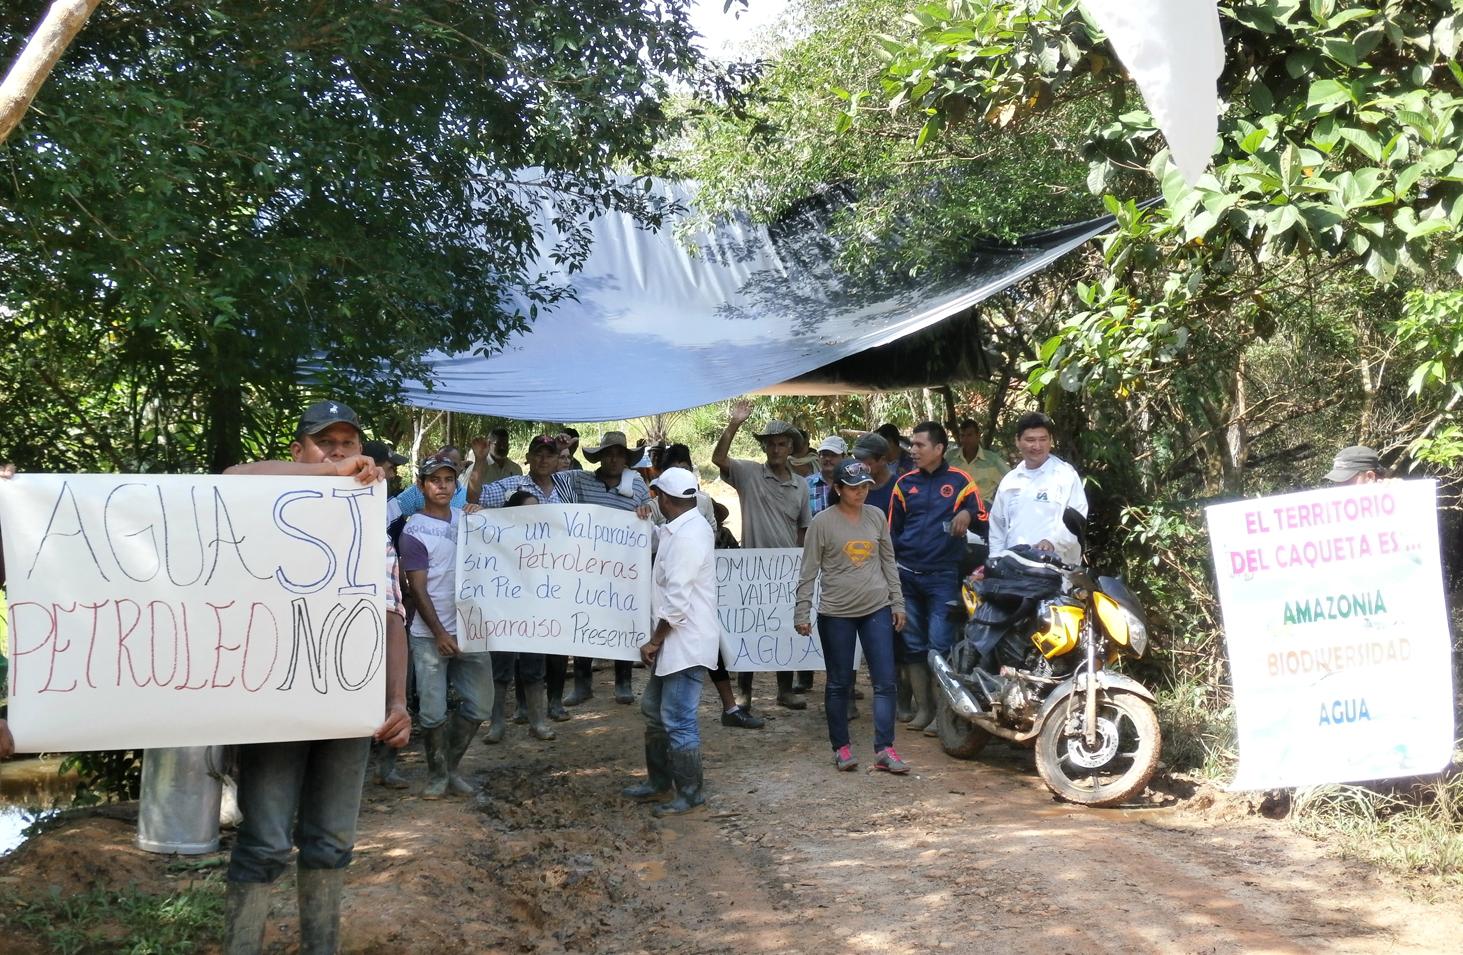 Campesinos del Caquetá se le plantaron al Esmad para impedir ingreso ...